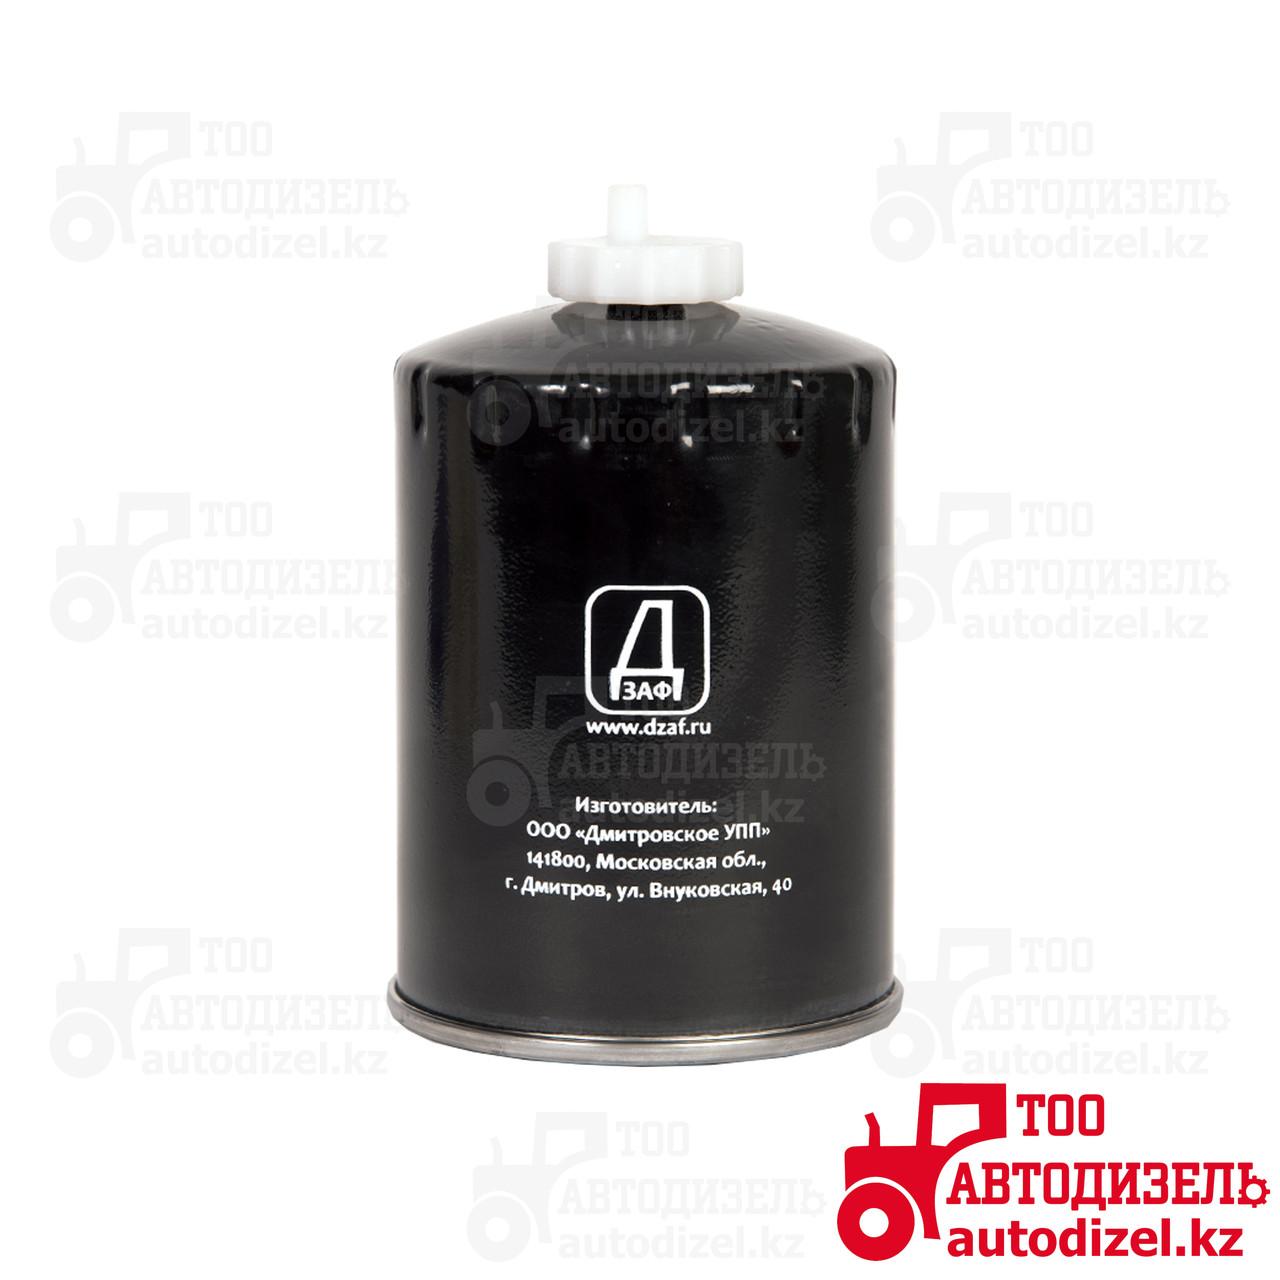 Фильтр очистки топлива  Д243/245 ДФТ 1612 (020-1117010)